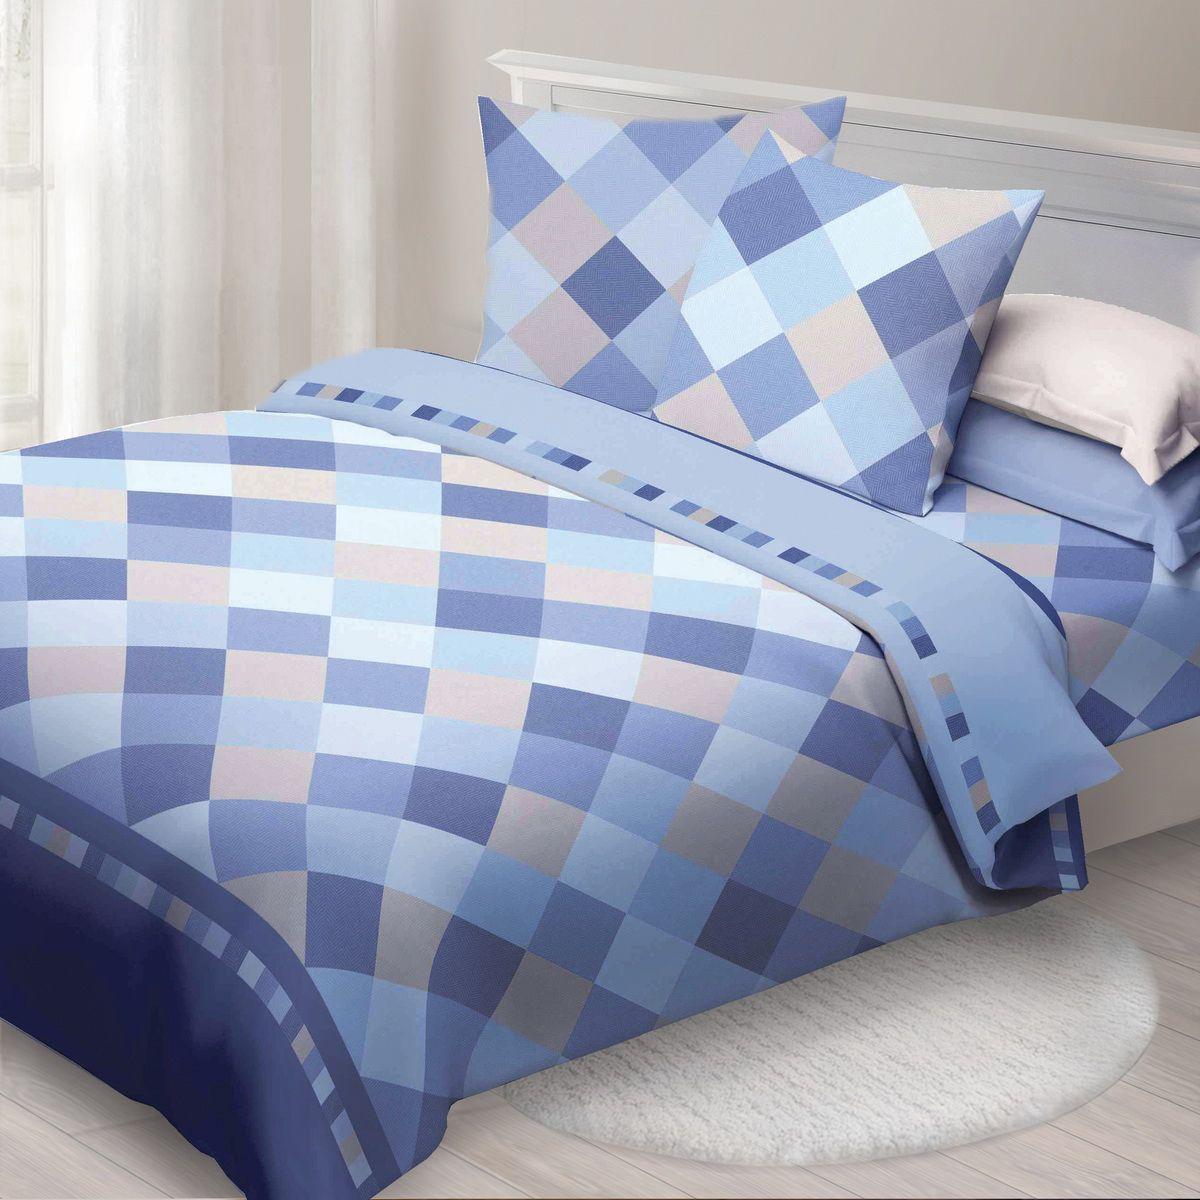 Комплект белья Спал Спалыч Твил, 2-спальное, наволочки 70x70, цвет: голубой91318Спал Спалыч - недорогое, но качественное постельное белье из белорусской бязи. Актуальные дизайны, авторская упаковка в сочетании с качественными материалами и приемлемой ценой - залог успеха Спал Спалыча!В ассортименте широкая линейка домашнего текстиля для всей семьи - современные дизайны современному покупателю! Ткань обработана по технологии PERFECT WAY - благодаря чему, она становится более гладкой и шелковистой.• Бязь Барановичи 100% хлопок• Плотность ткани - 125 гр/кв.м.